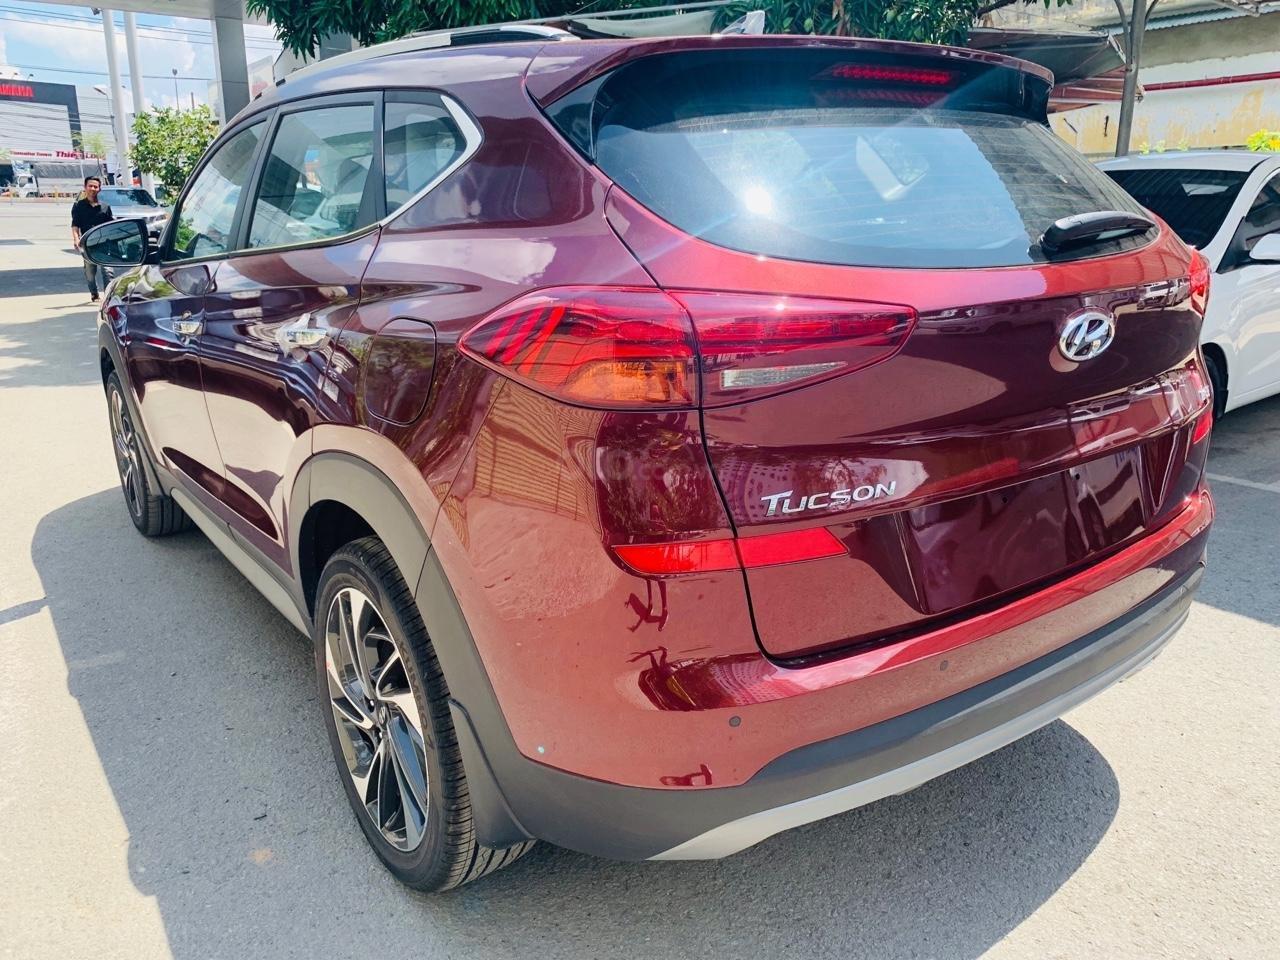 Hyundai Tucson 1.6 Turbo giảm ngay 30tr giao xe ngay, Lh ngay 0934545215 (4)